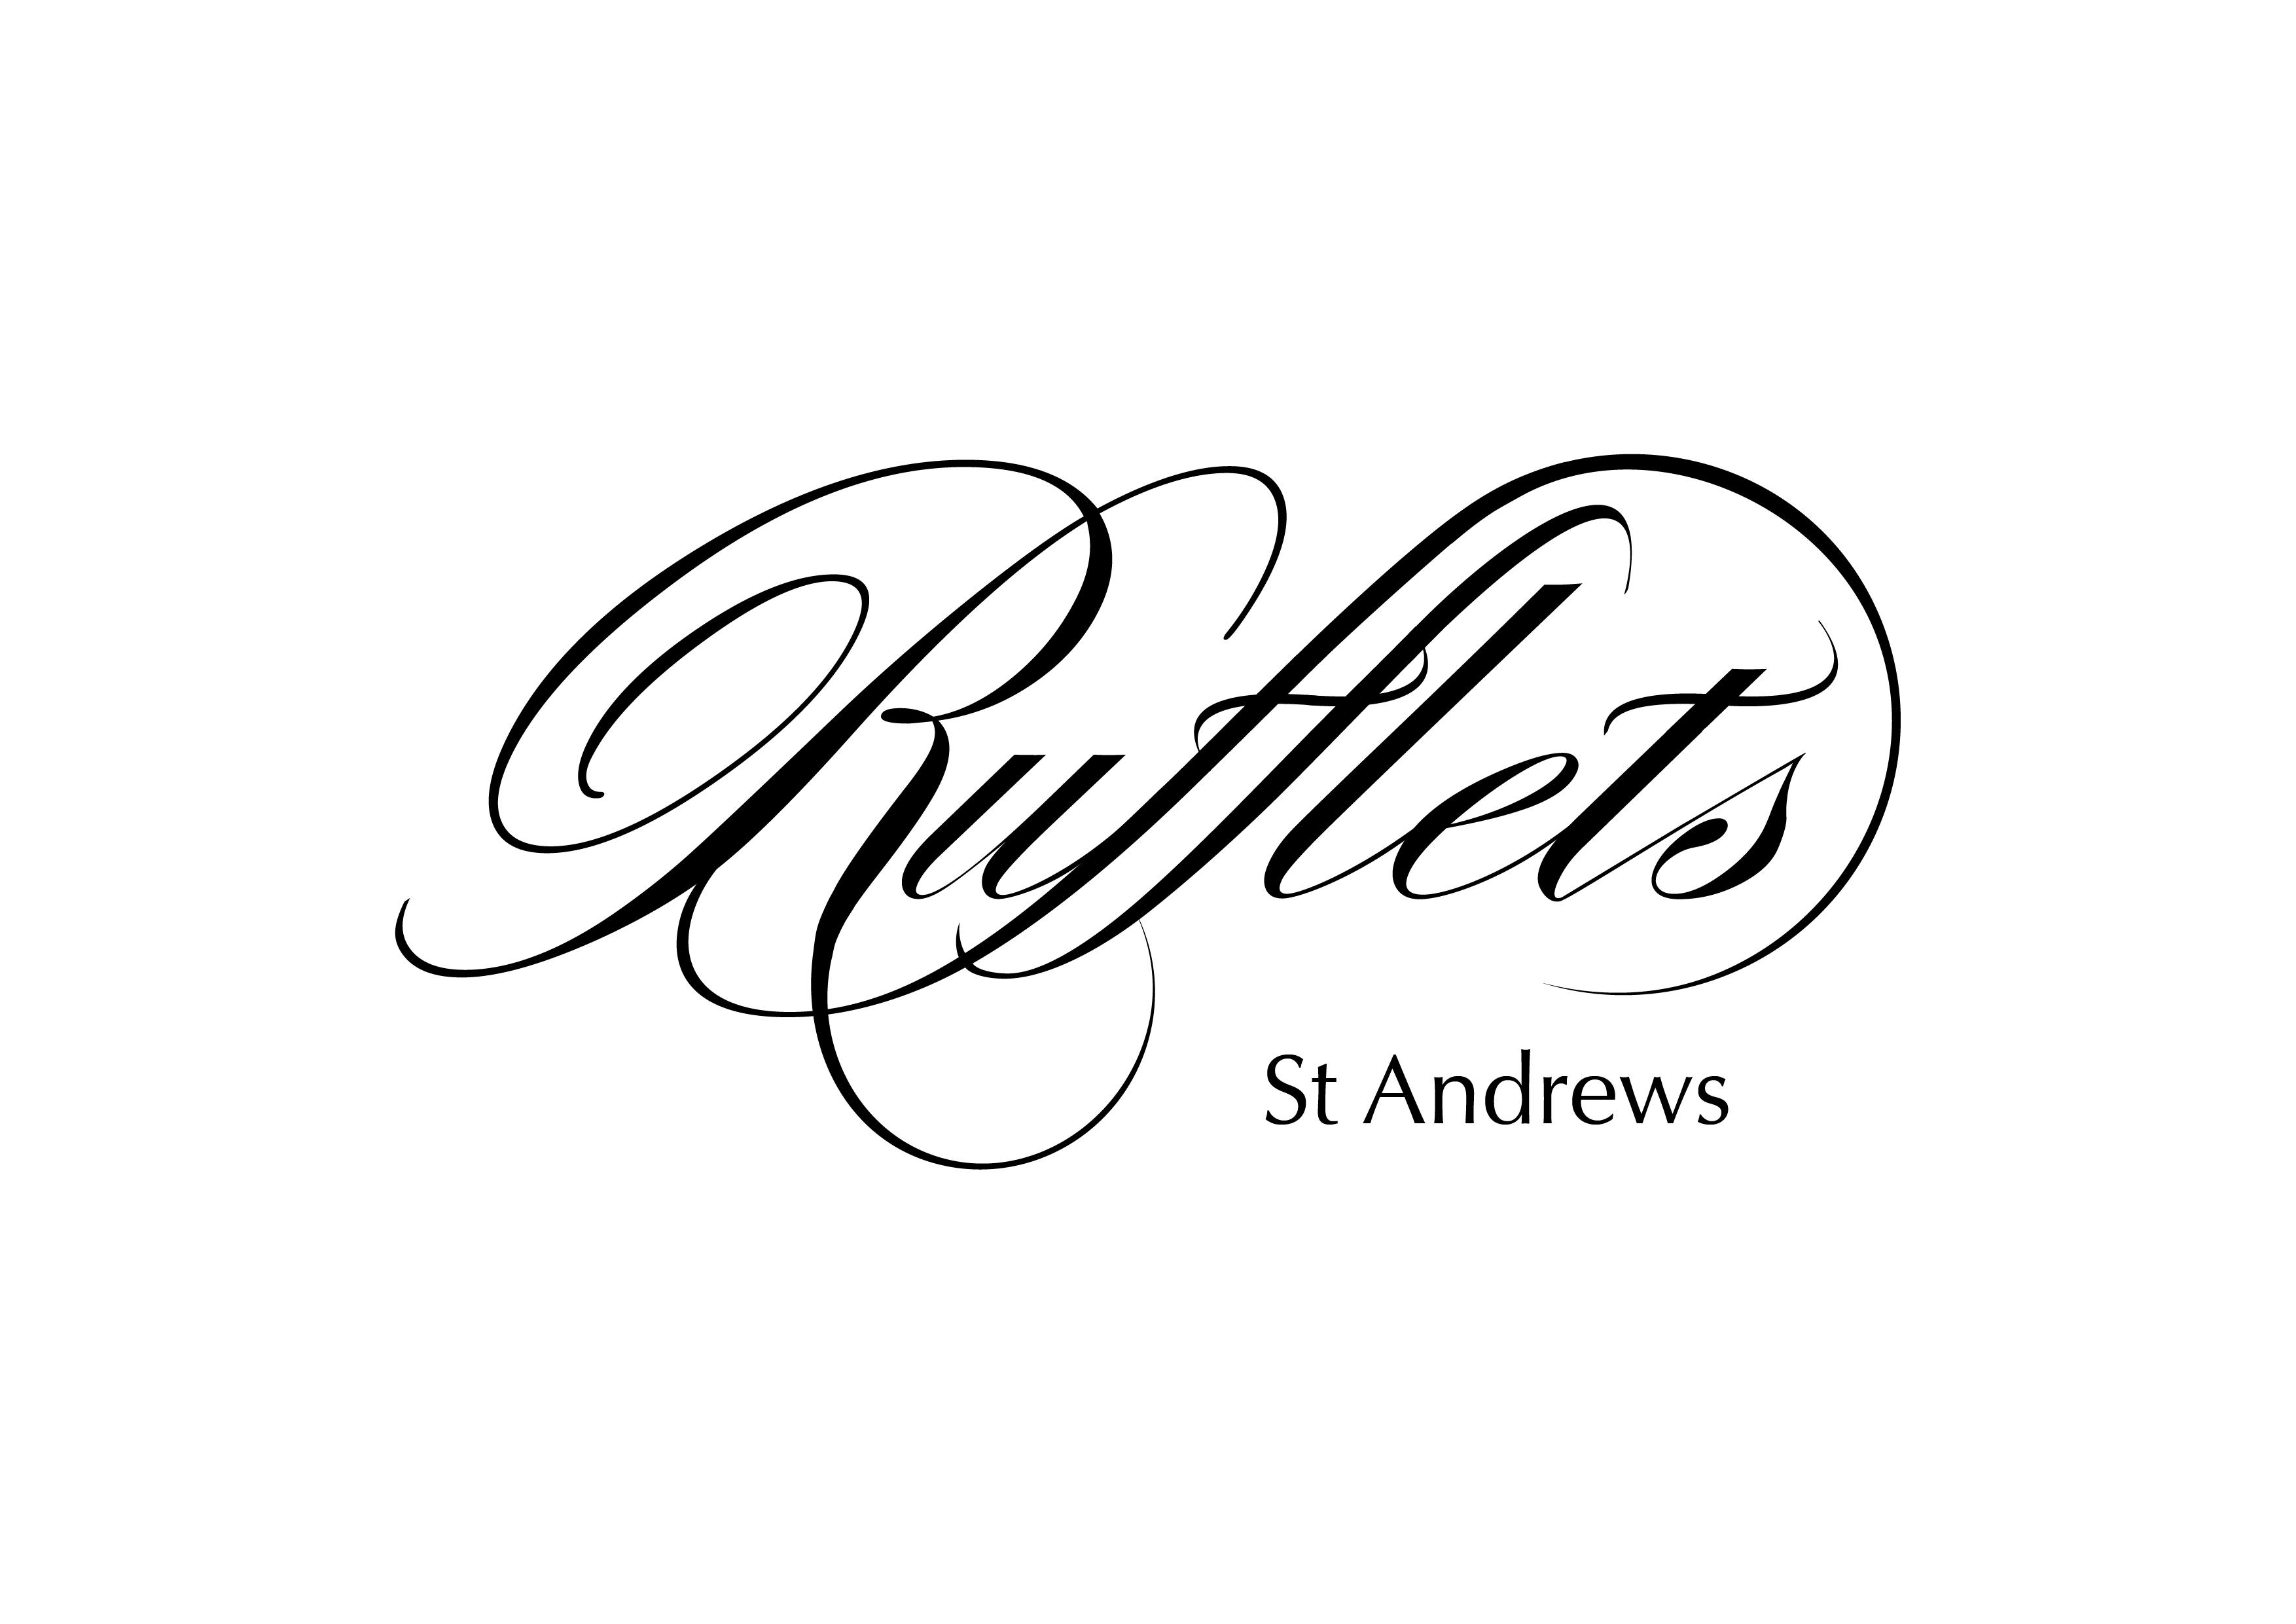 Rufflets_St_Andrews.jpg